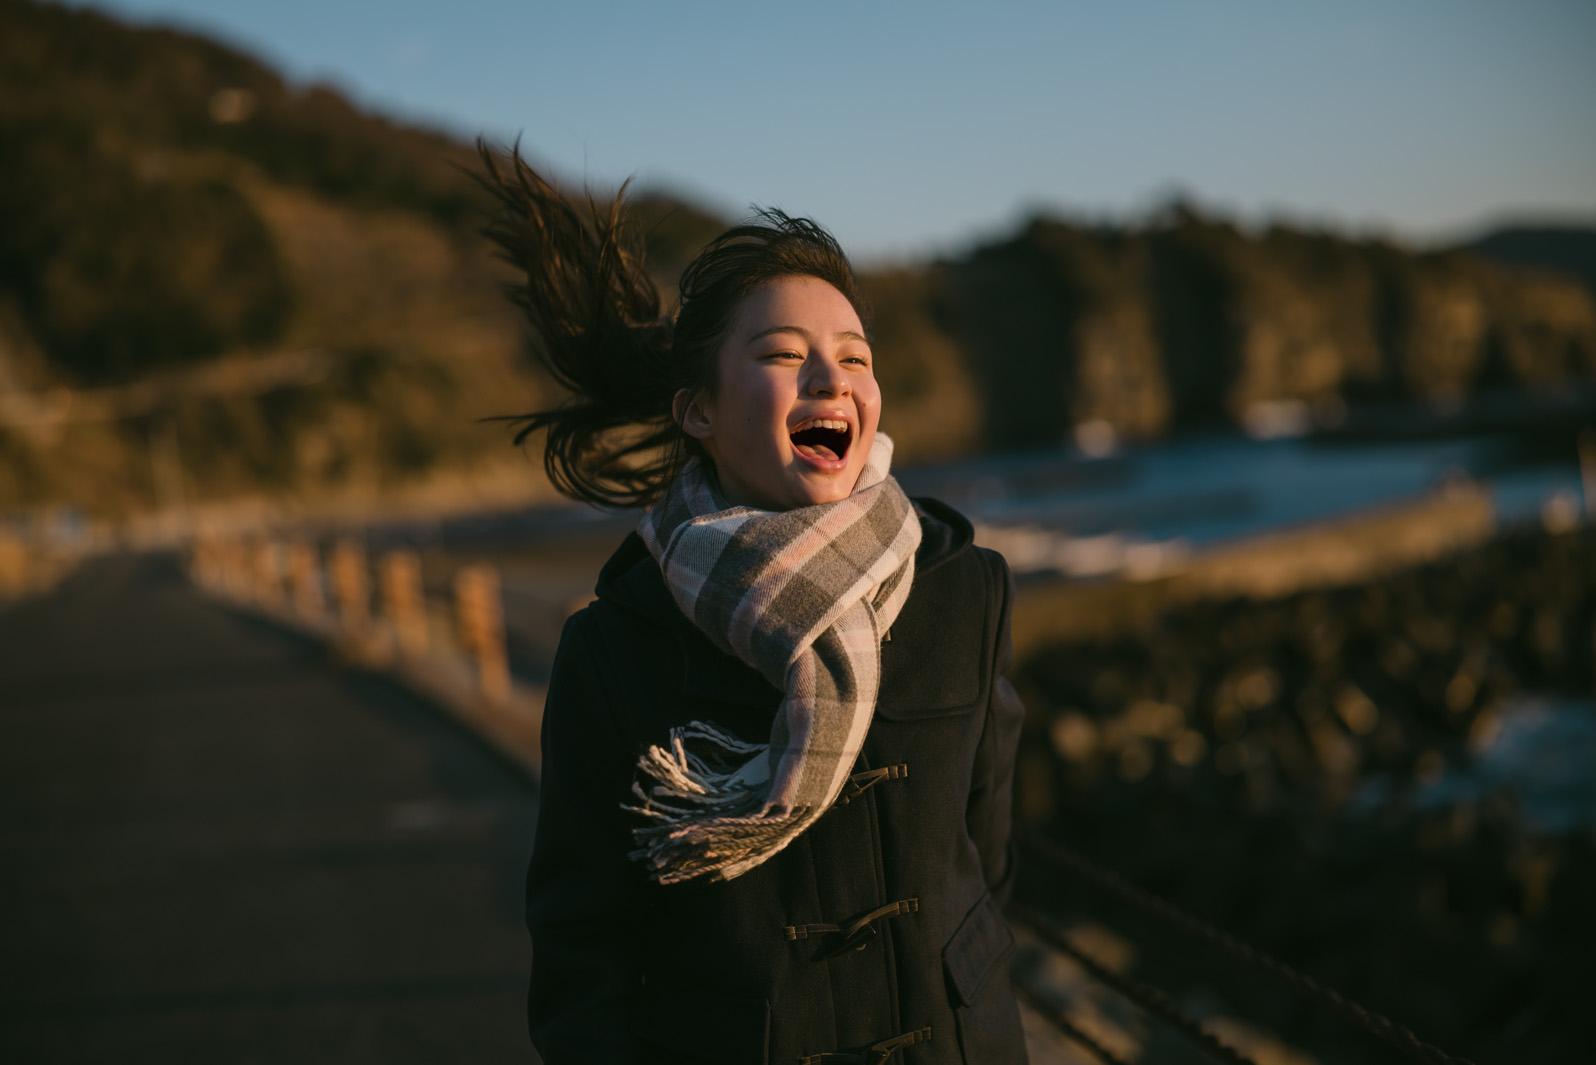 期待の新人女優・三浦理奈、河野英喜氏の写真展「飴色の夕景」モデルに抜擢